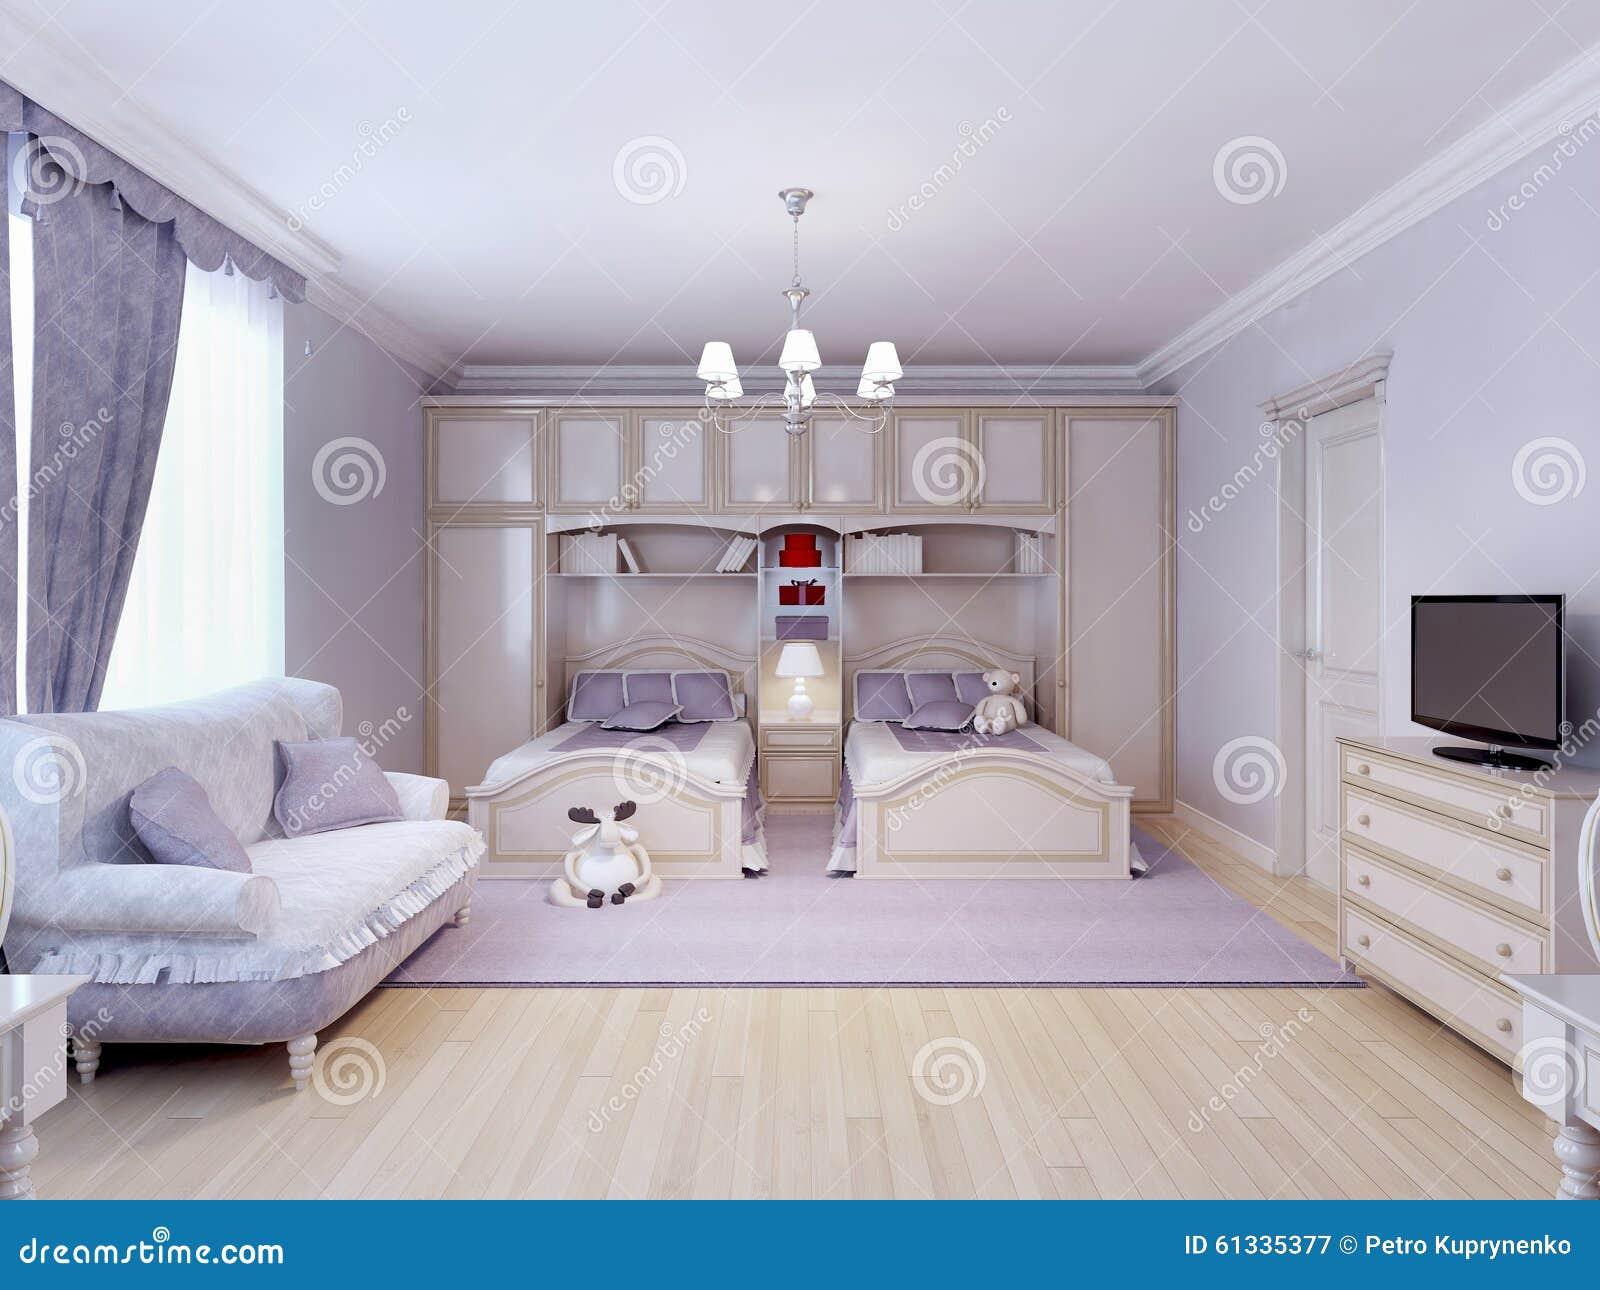 Chambre coucher d 39 enfant pour deux illustration stock for Chambre a coucher deux personnes